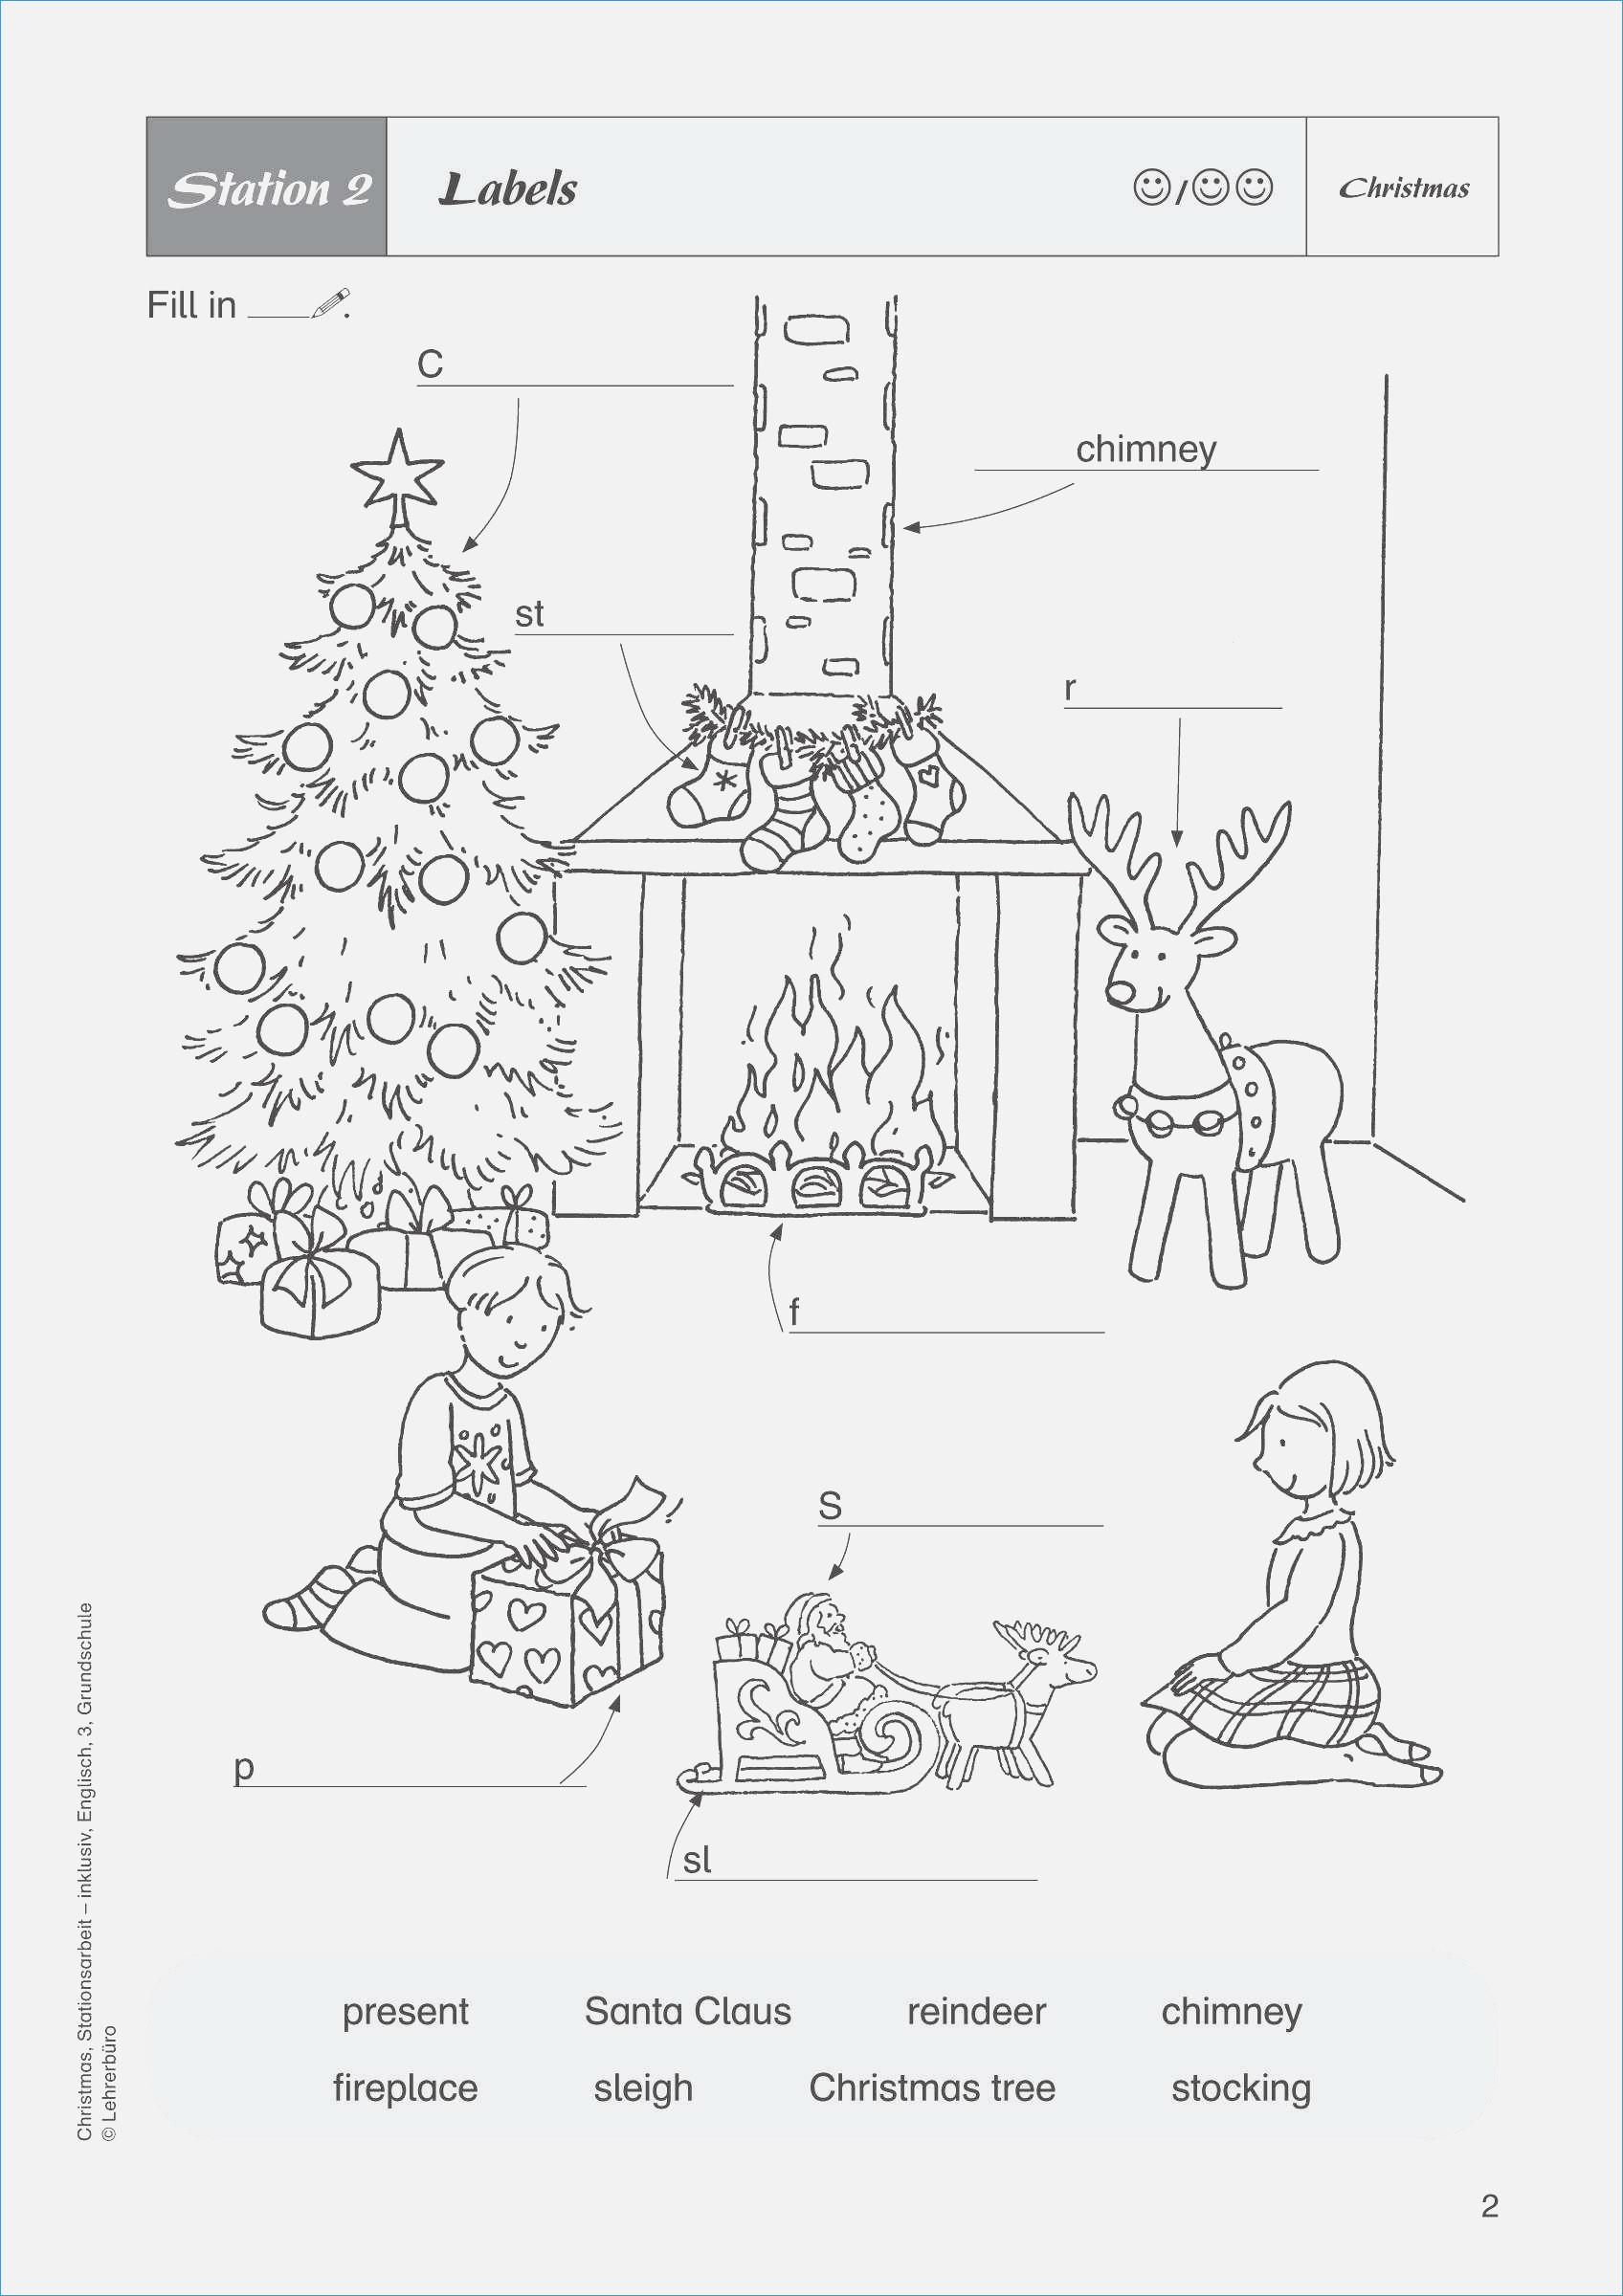 Malvorlagen Weihnachten Window Color Genial Window Color Vorlagen Kostenlos Elegant Window Color Bilder